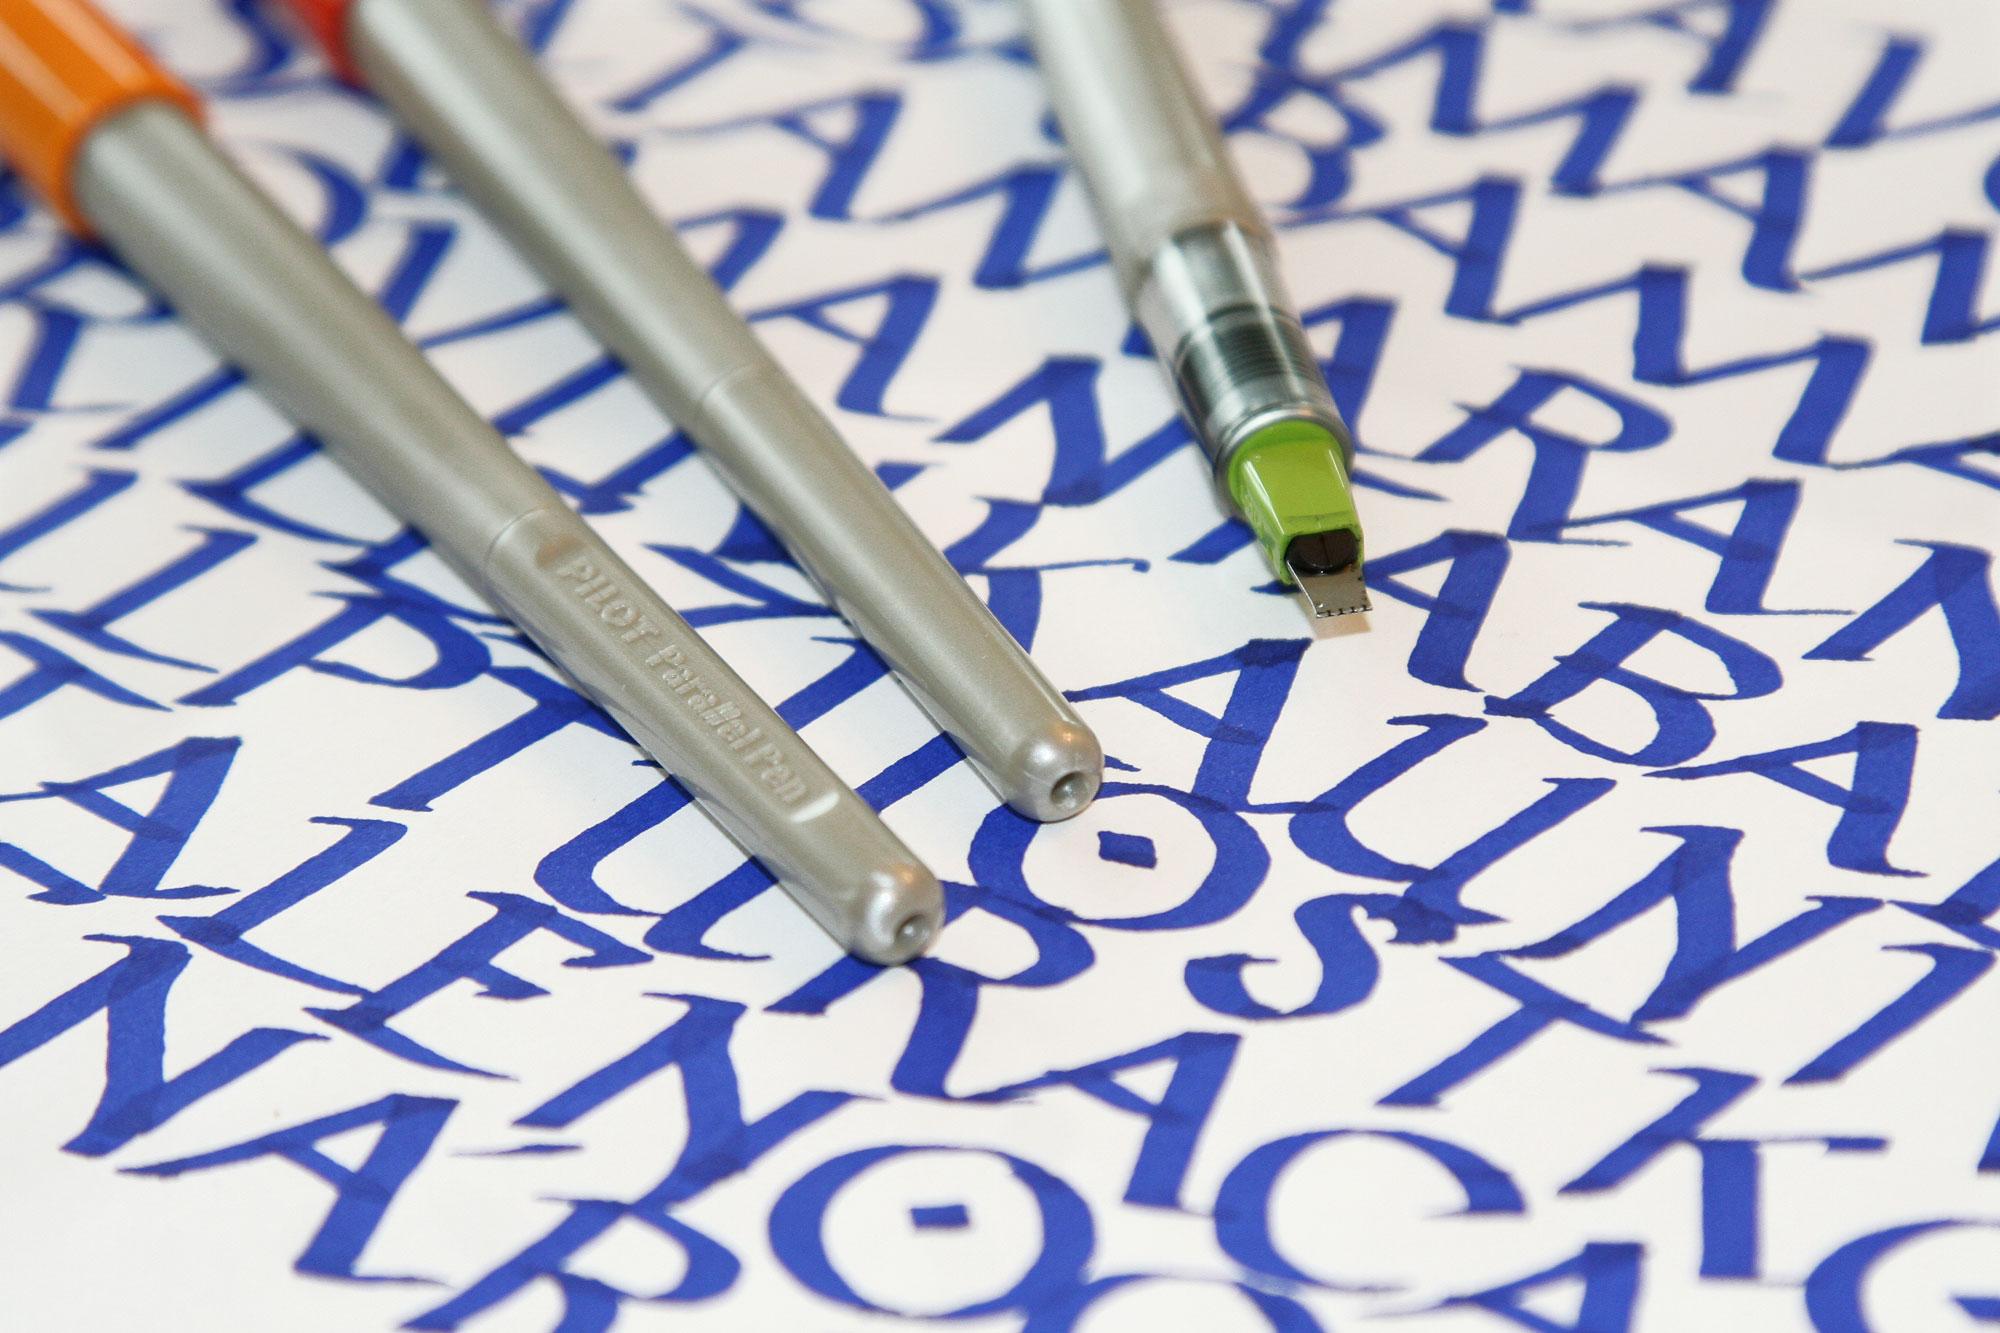 komunikacia-pisanie-ako-cesta-rozvoja